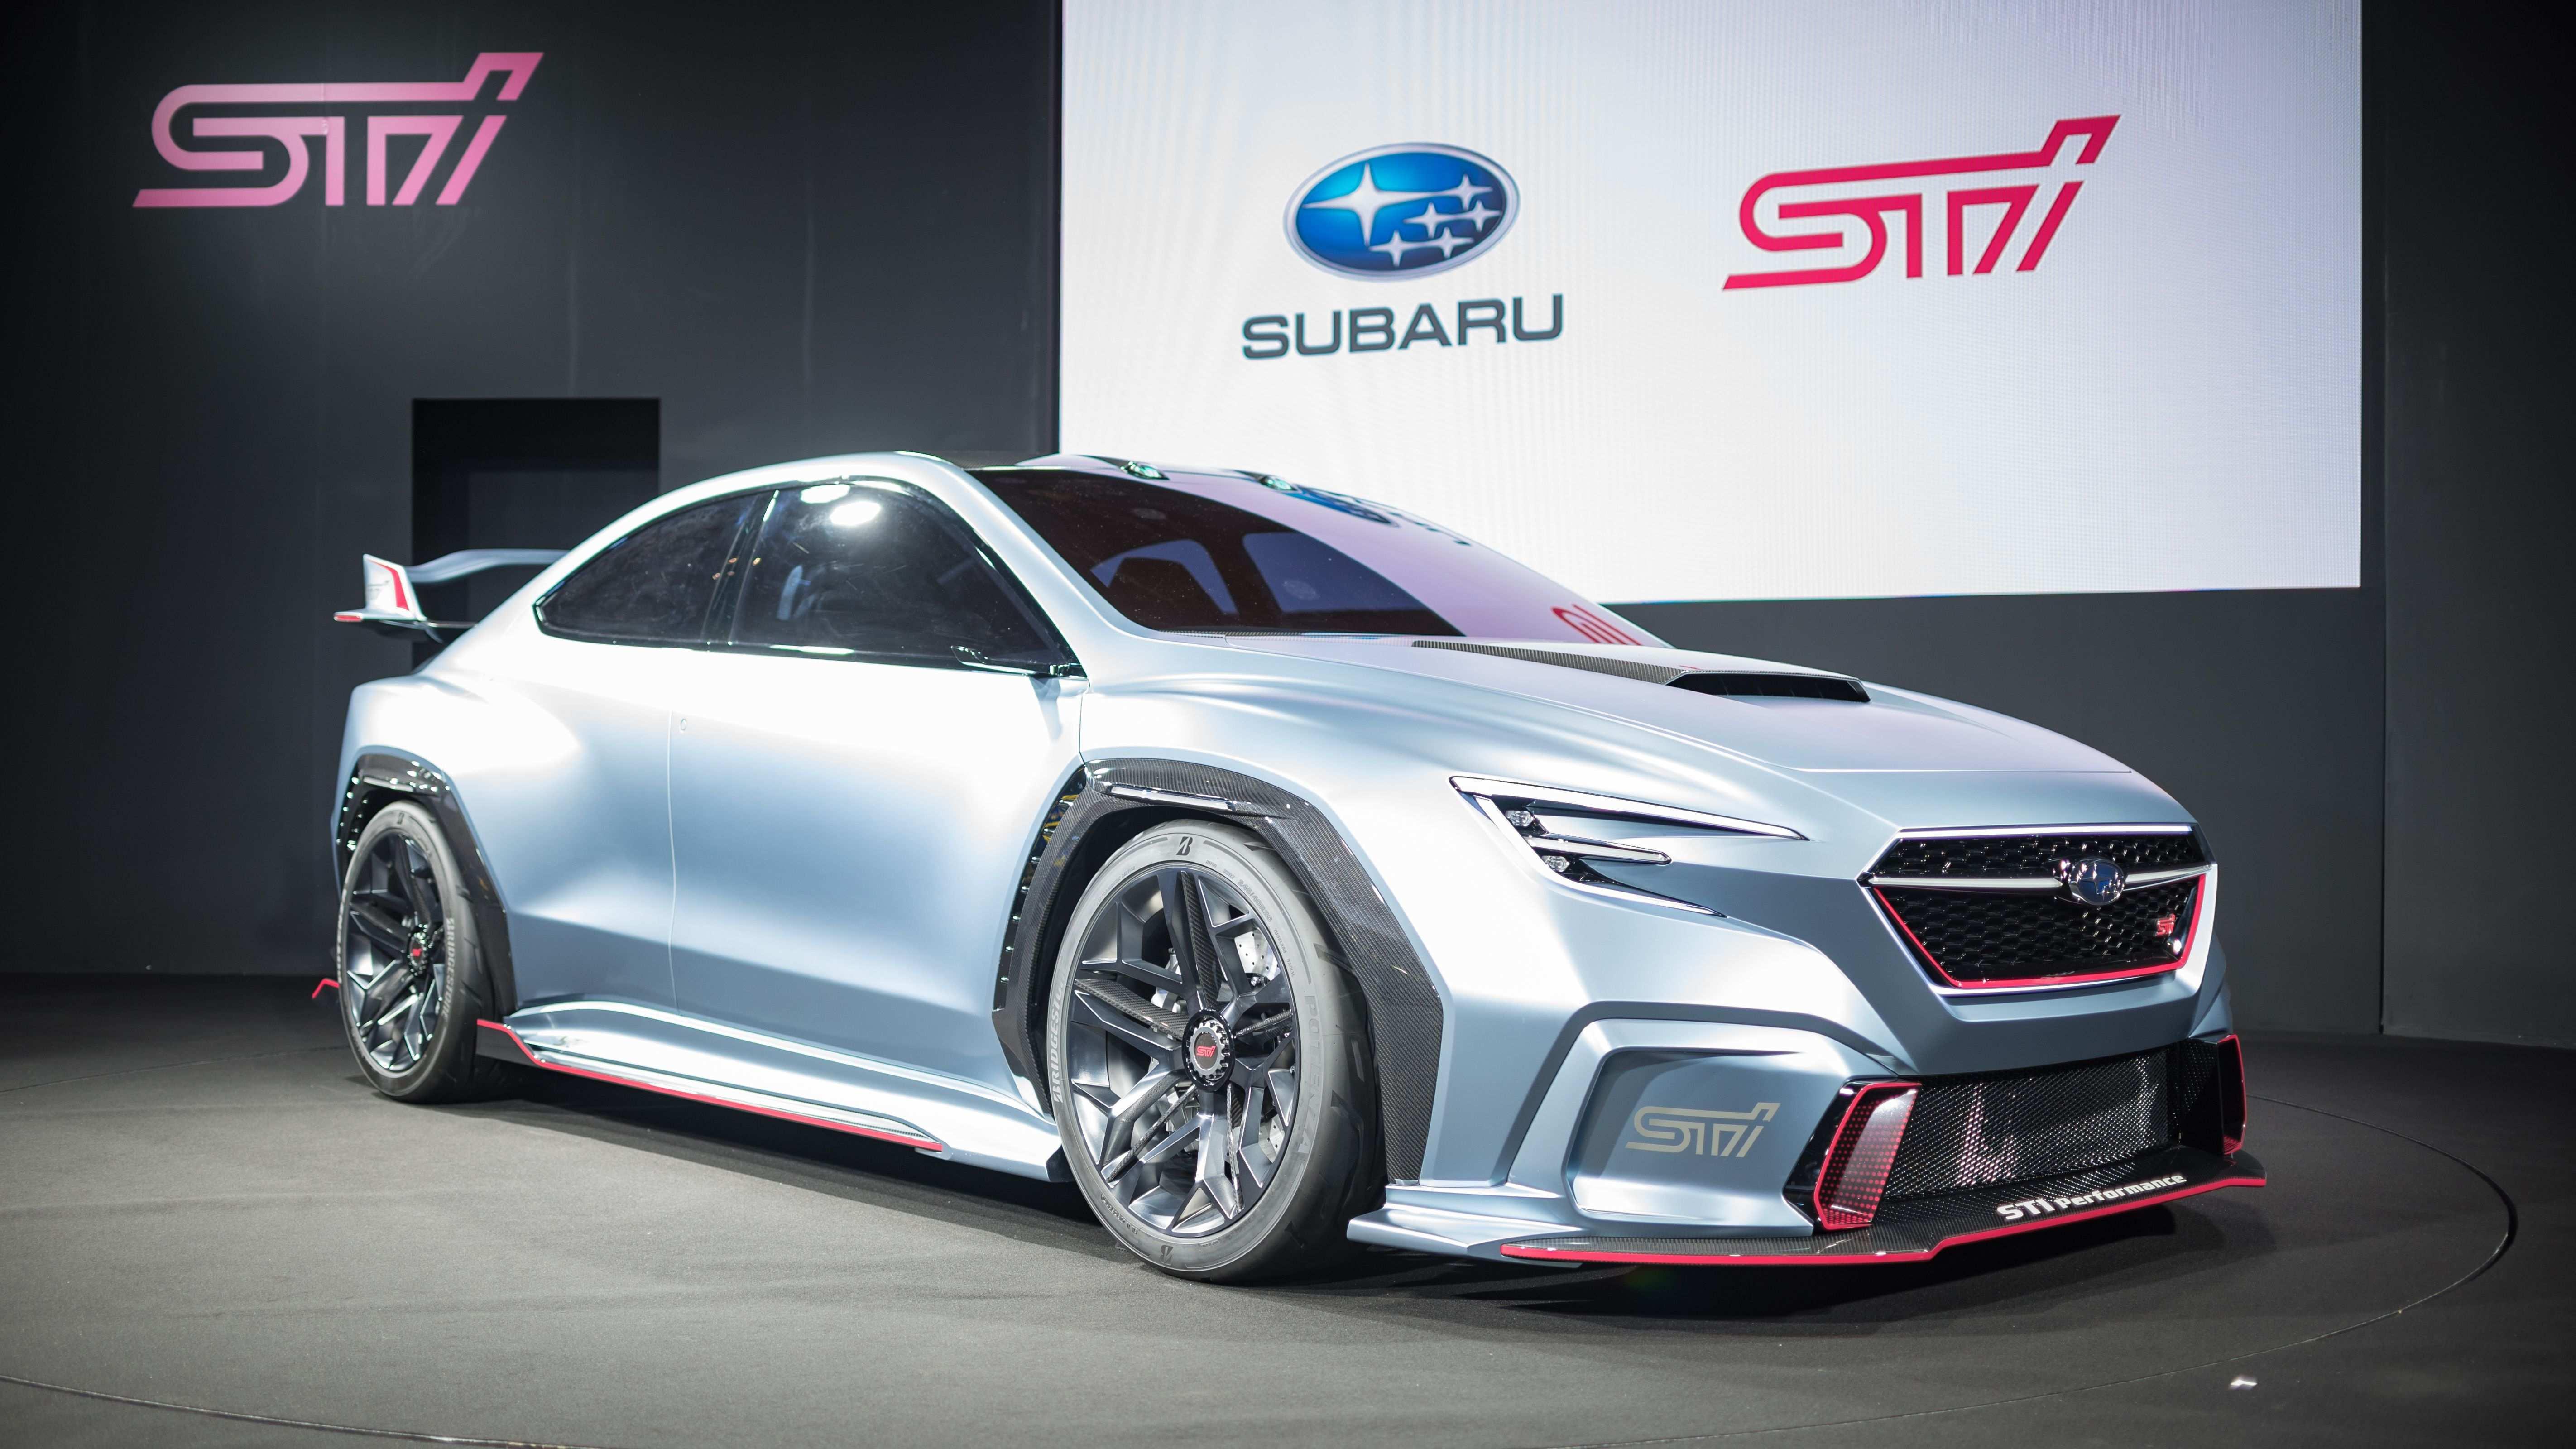 17 Gallery of 2020 Subaru Viziv Photos for 2020 Subaru Viziv